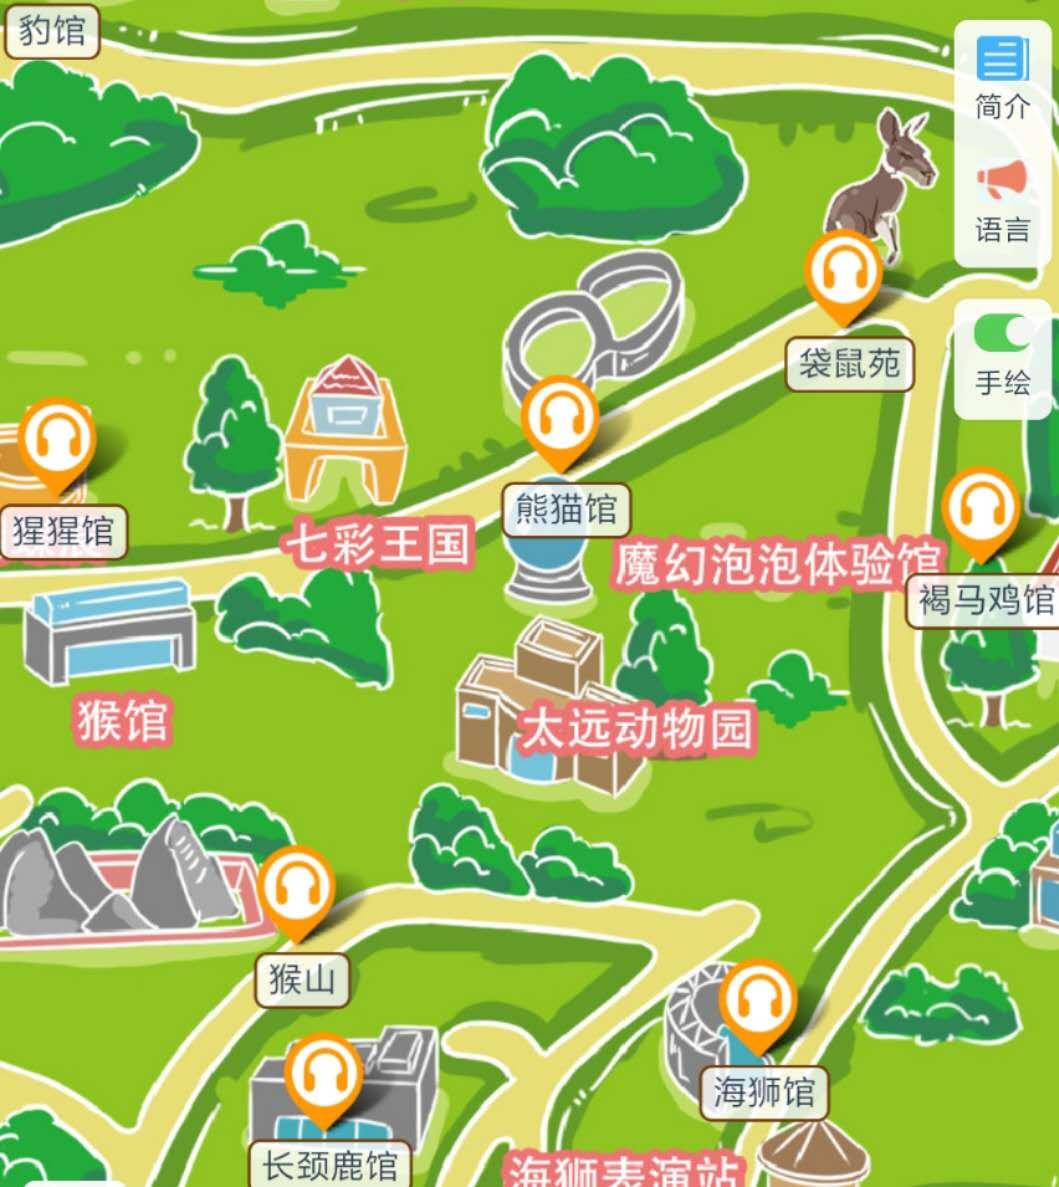 山西省太原动物园手绘地图,语音讲解,电子导览等智能导览功能上线啦.jpg